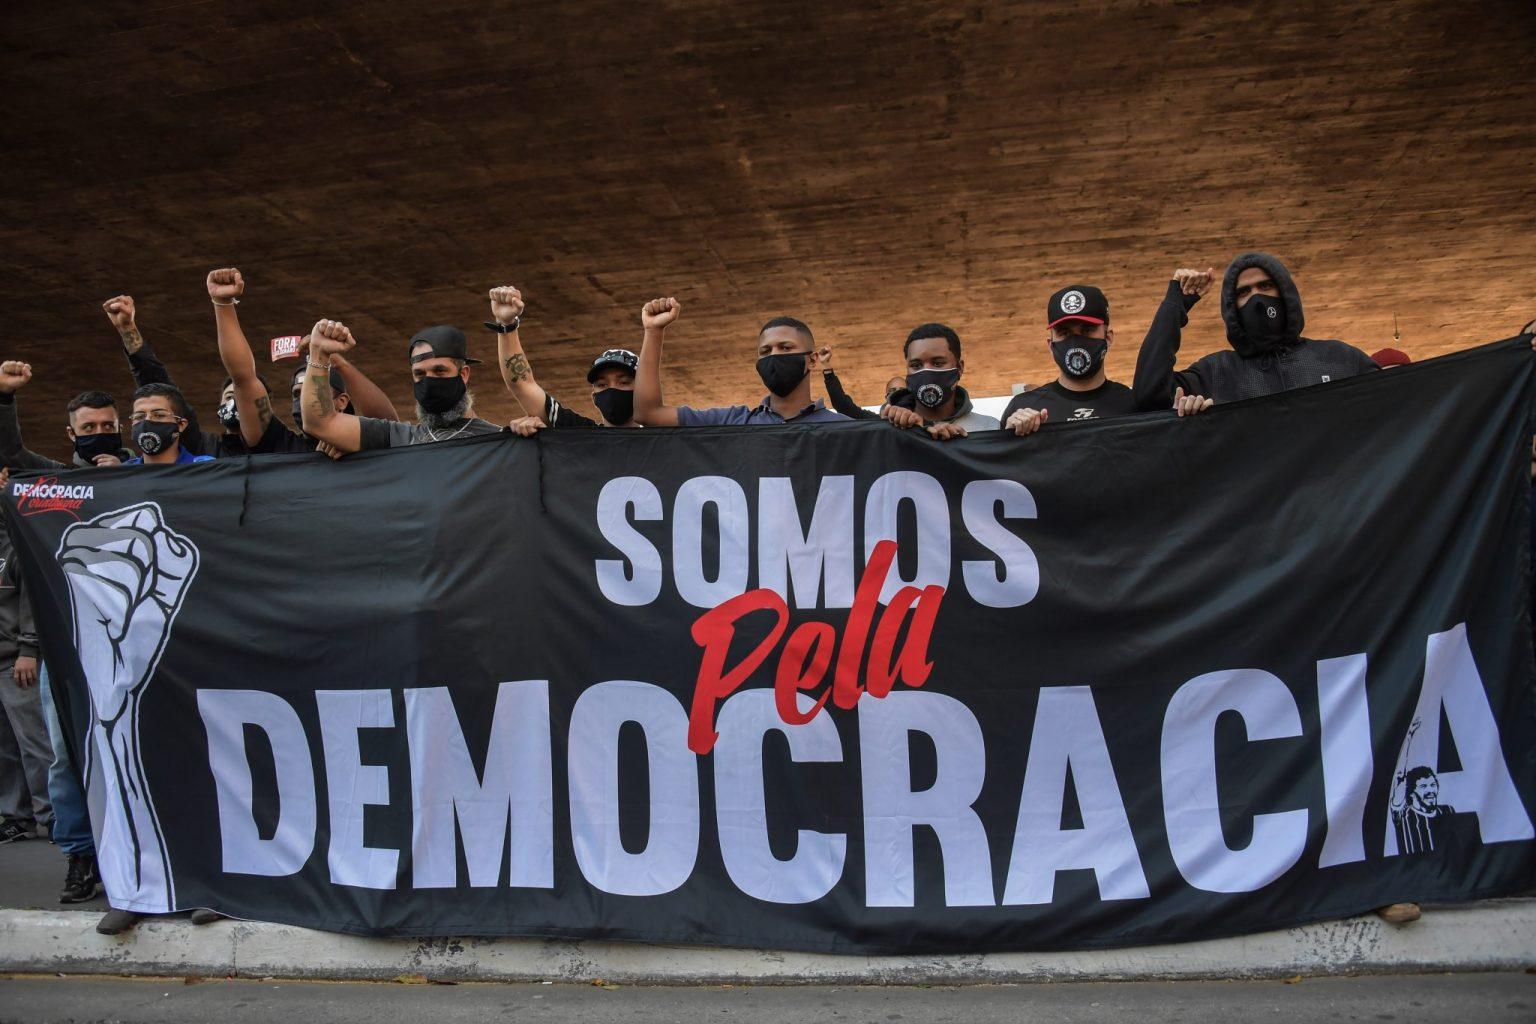 Brasil: Las hinchadas Antifascistas se manifiestan por la democracia | Marcha